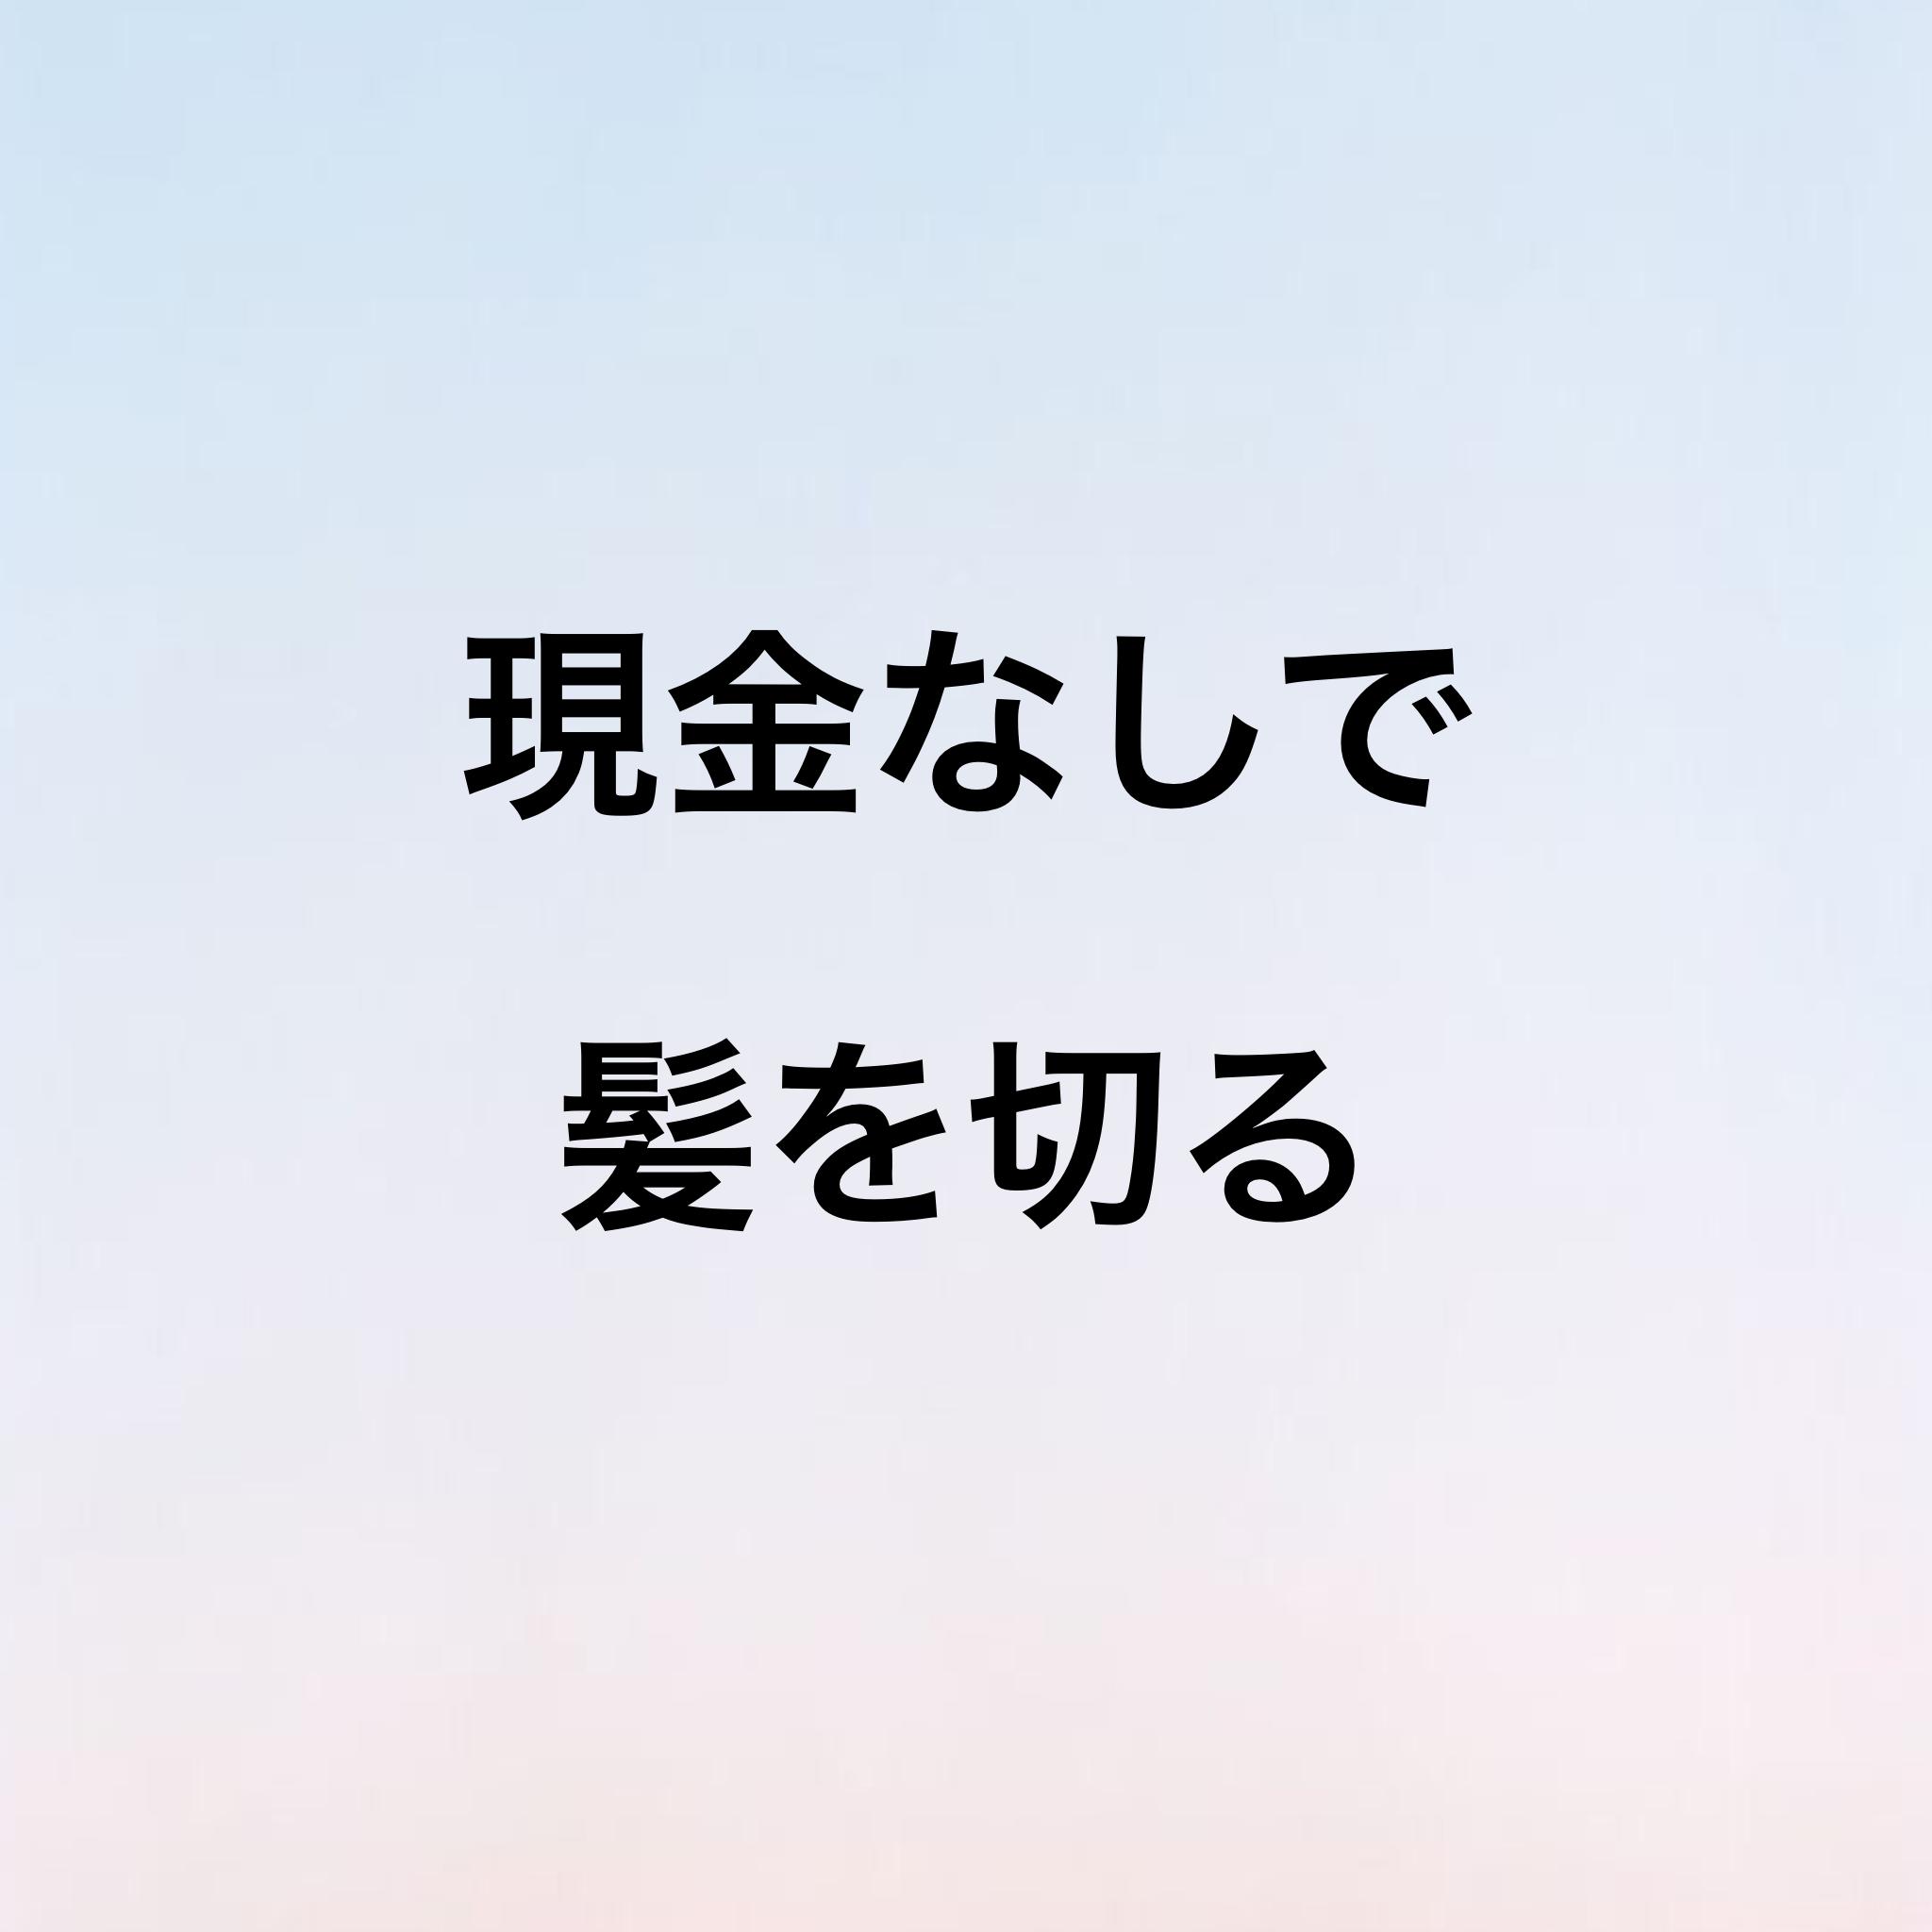 美容室でキャッシュレス/QRコード決済【吉祥寺の美容室coyoi】